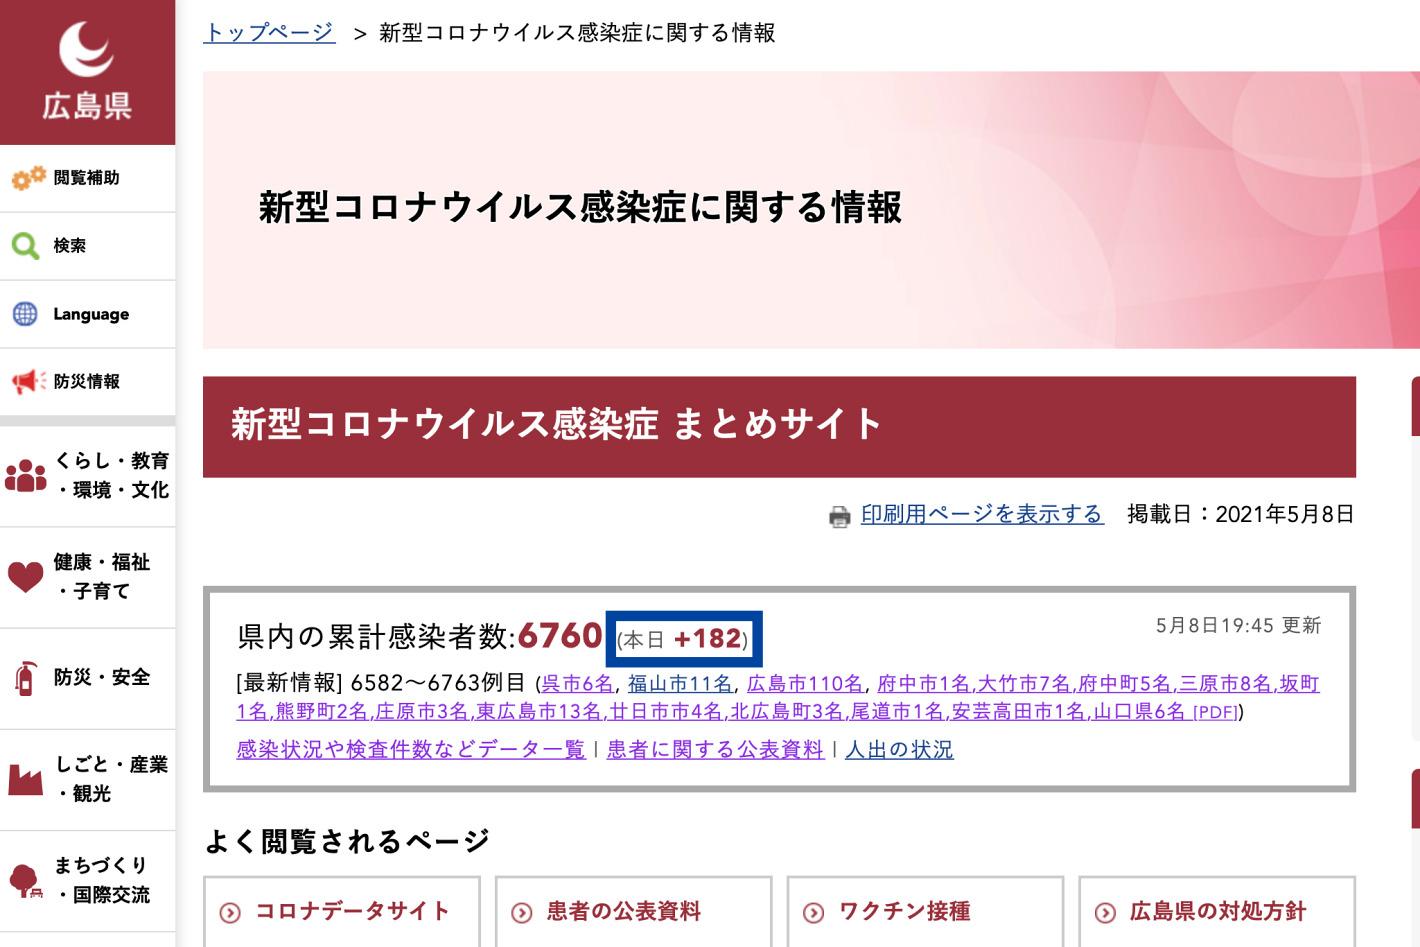 広島県のホームページ